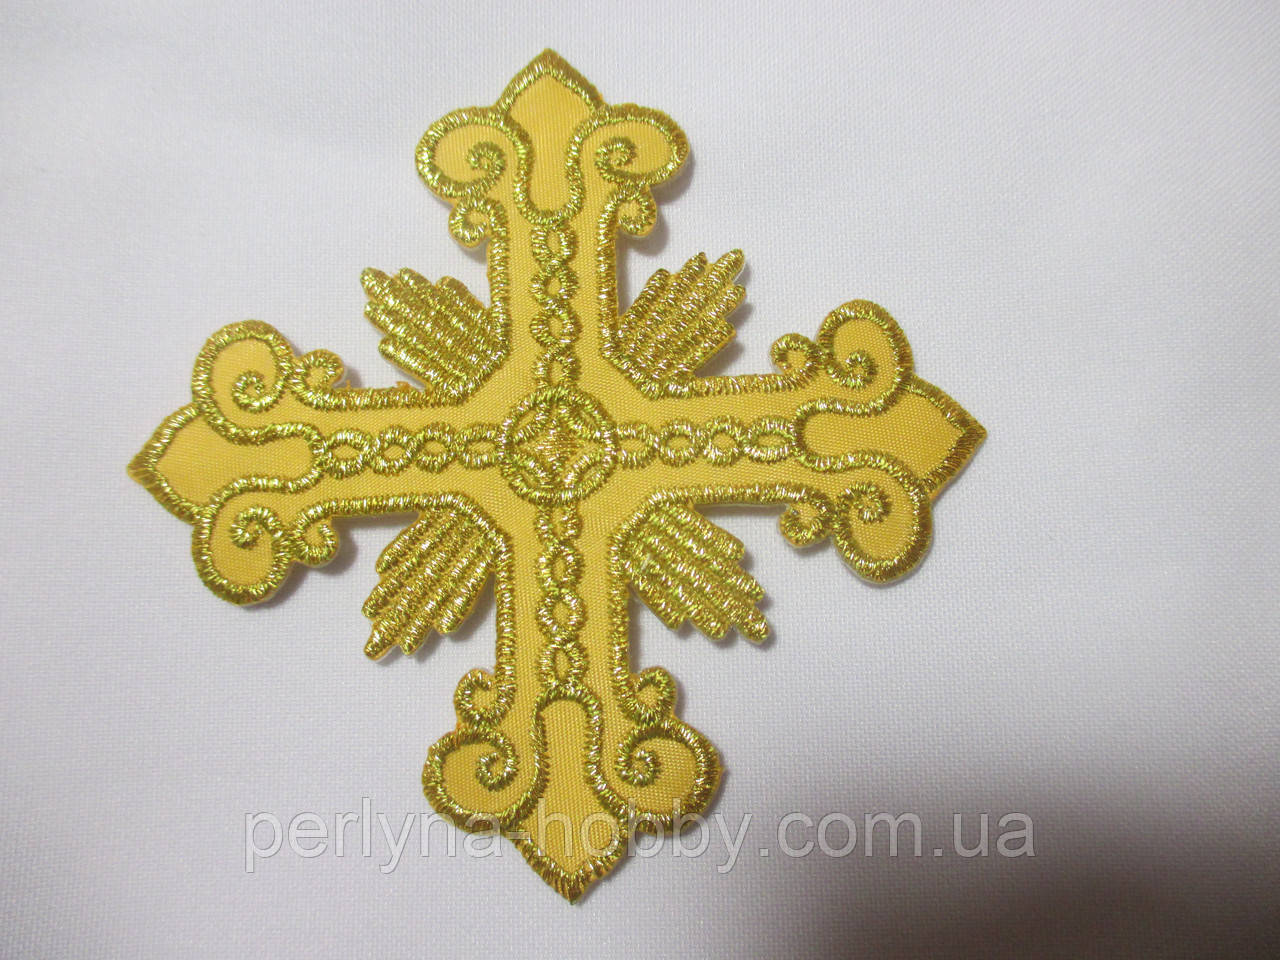 Хрест для церковного одягу малий 6х6 золото